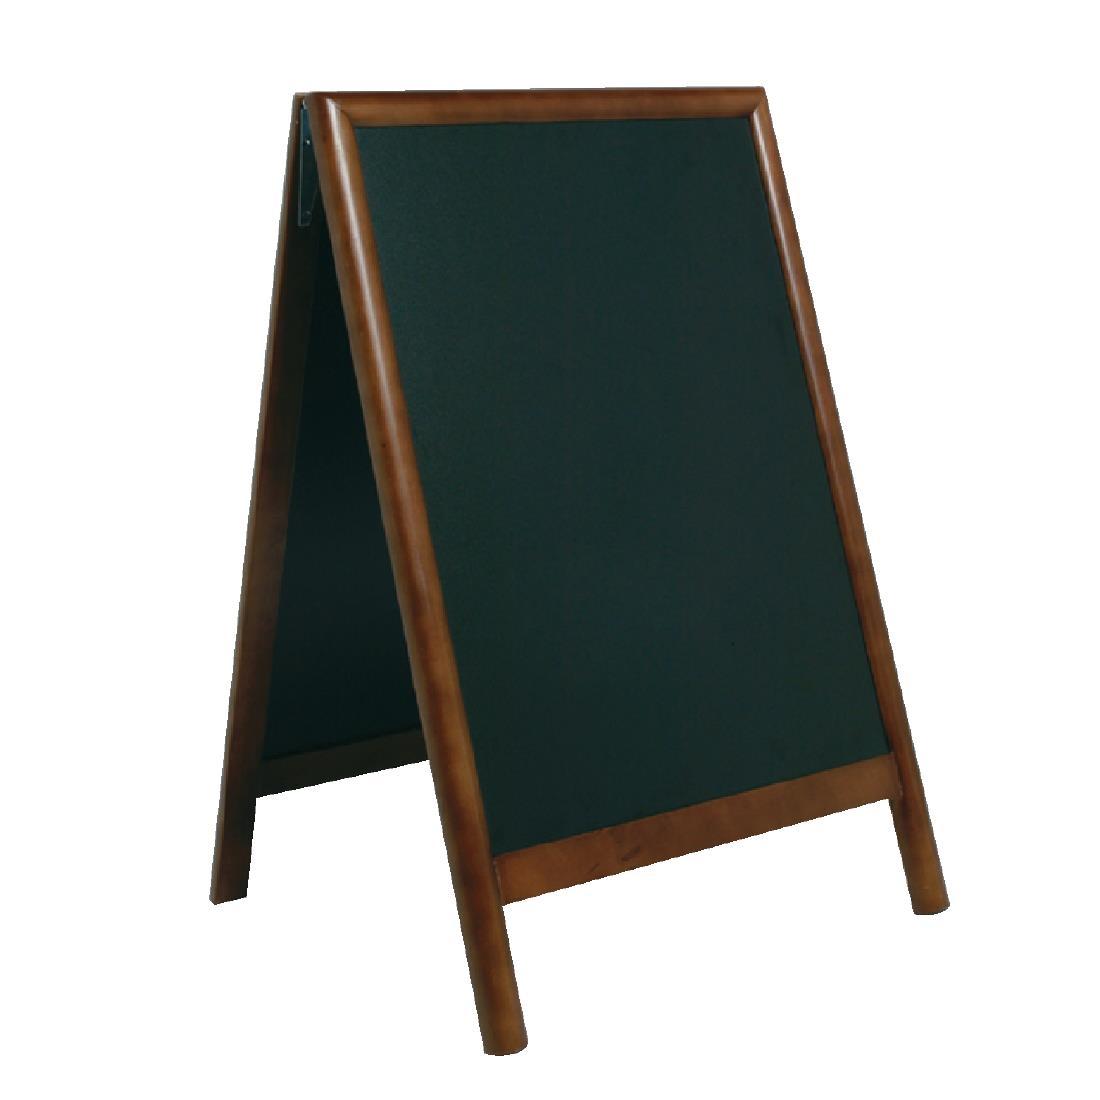 Securit Duplo Pavement Board 850 x 550mm Dark Wood